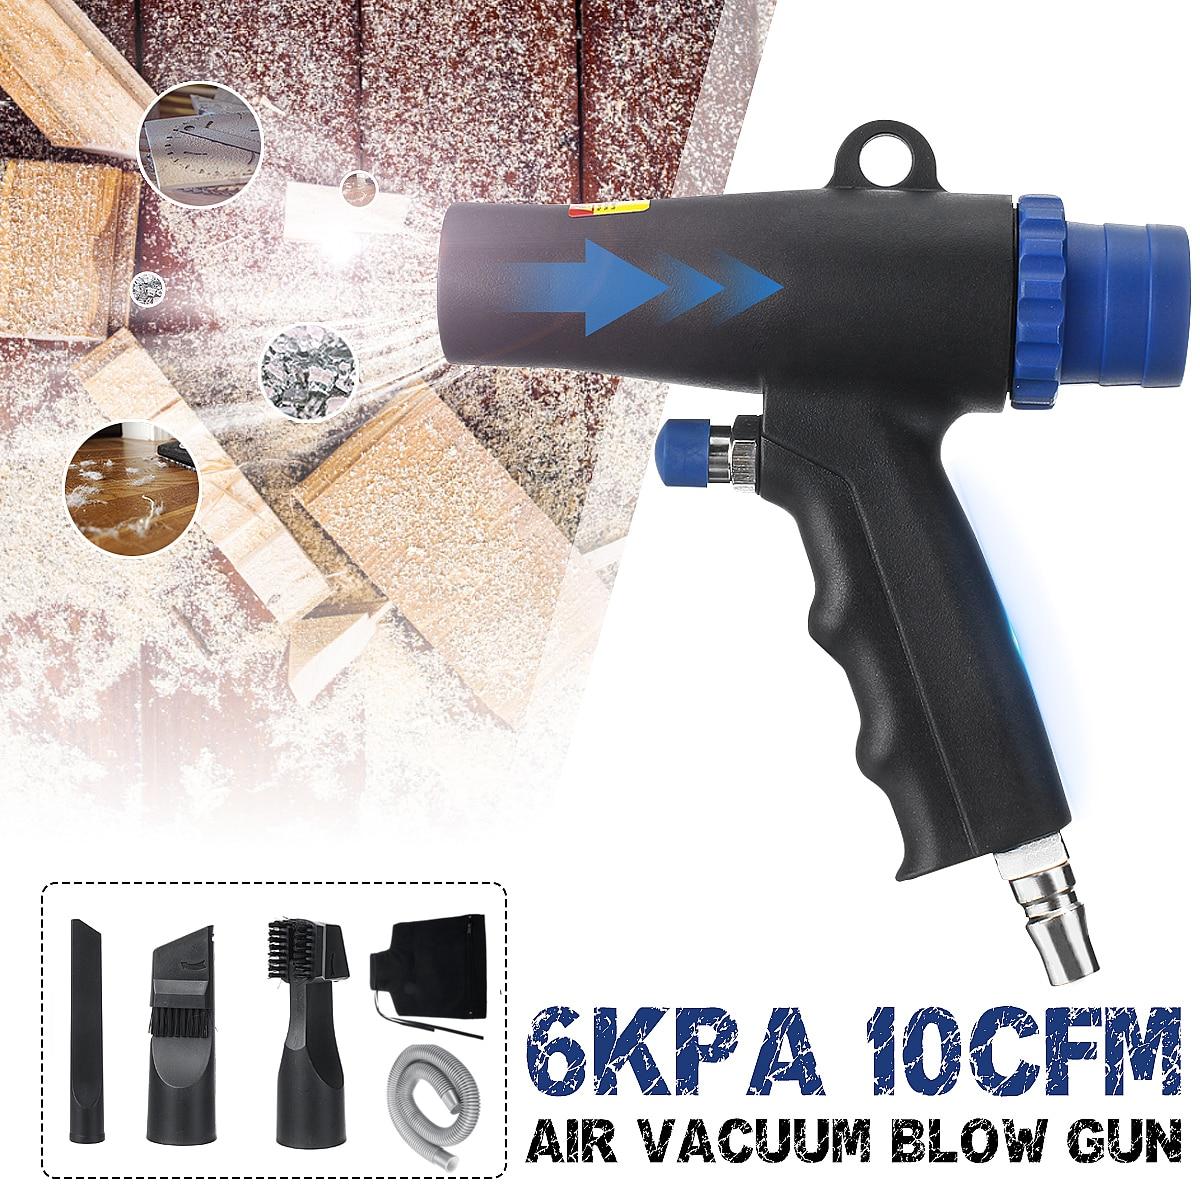 2 In 1 Air Duster Compressor Dual Function Air Vacuum Blow Suction Guns Air Wonder Guns Kit Pneumatic Vacuum Cleaner Tool